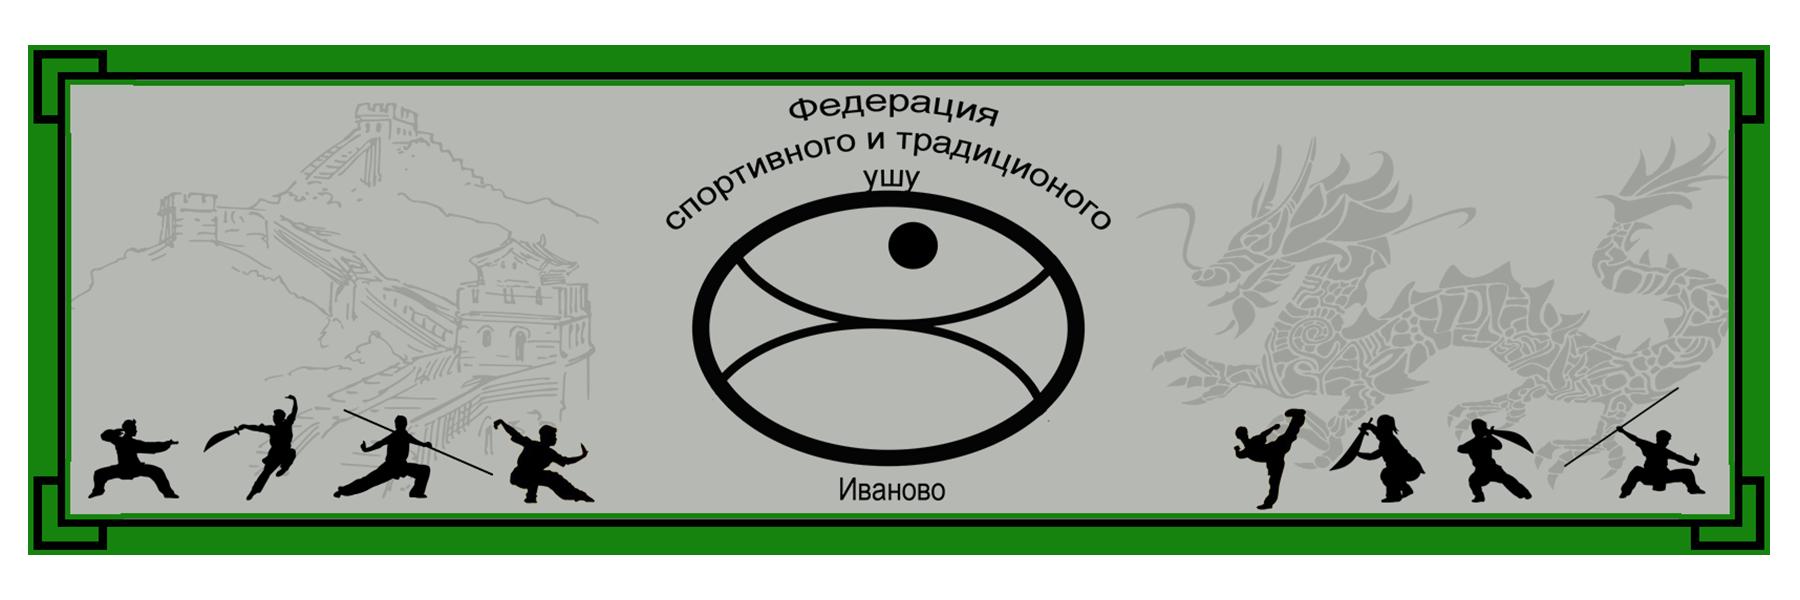 Федерация спортивного и традиционного ушу, Иваново.